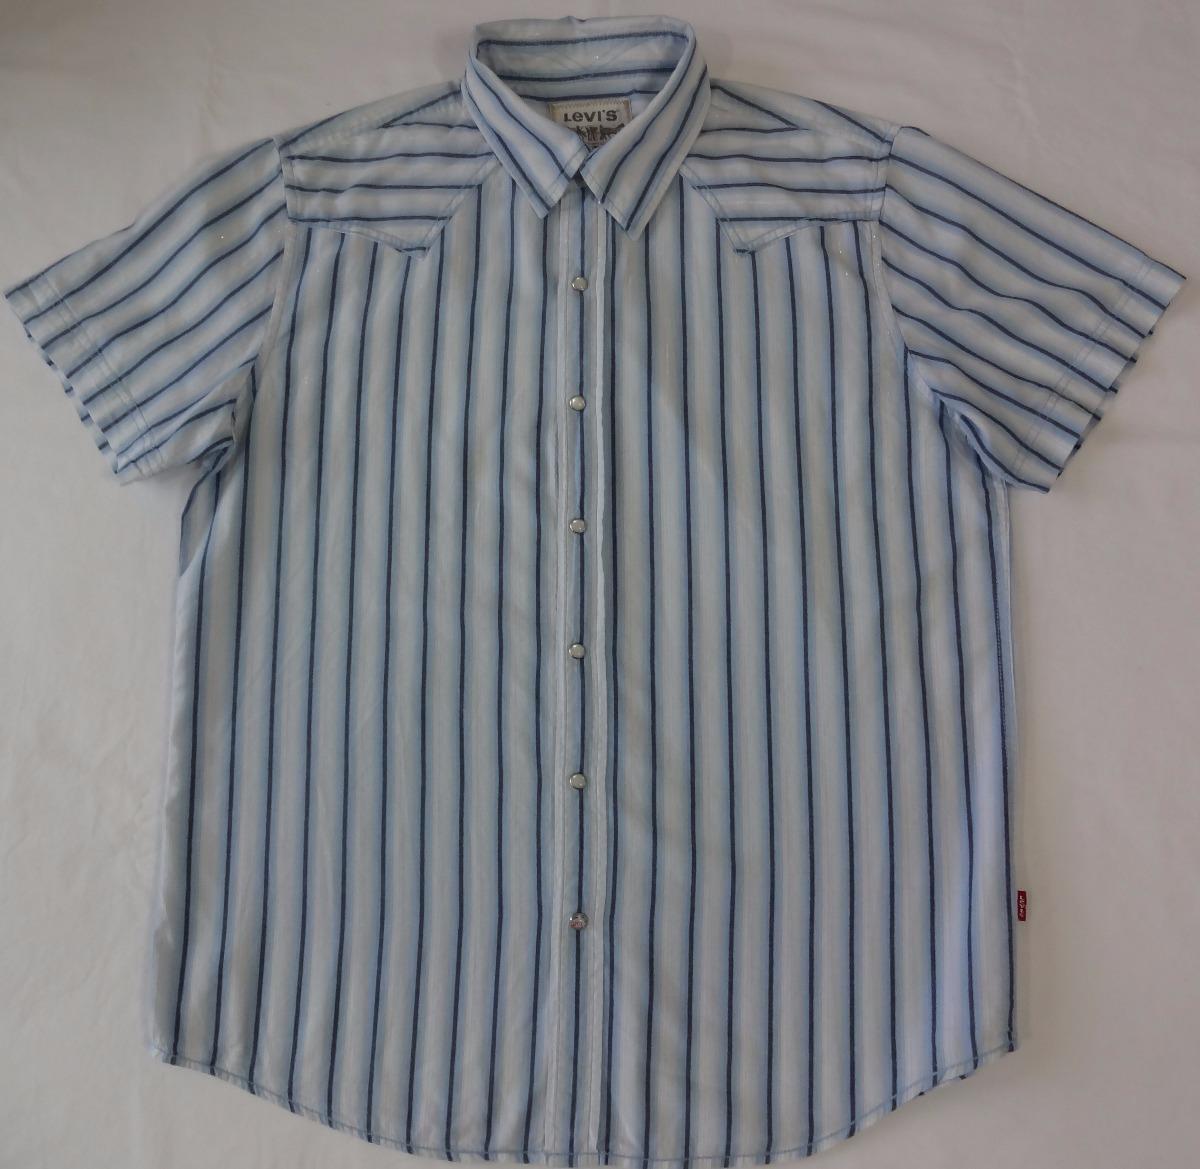 9e926fdc30 696 - Camisa Levi's Manga Curta - Tamanho G - R$ 120,00 em Mercado Livre